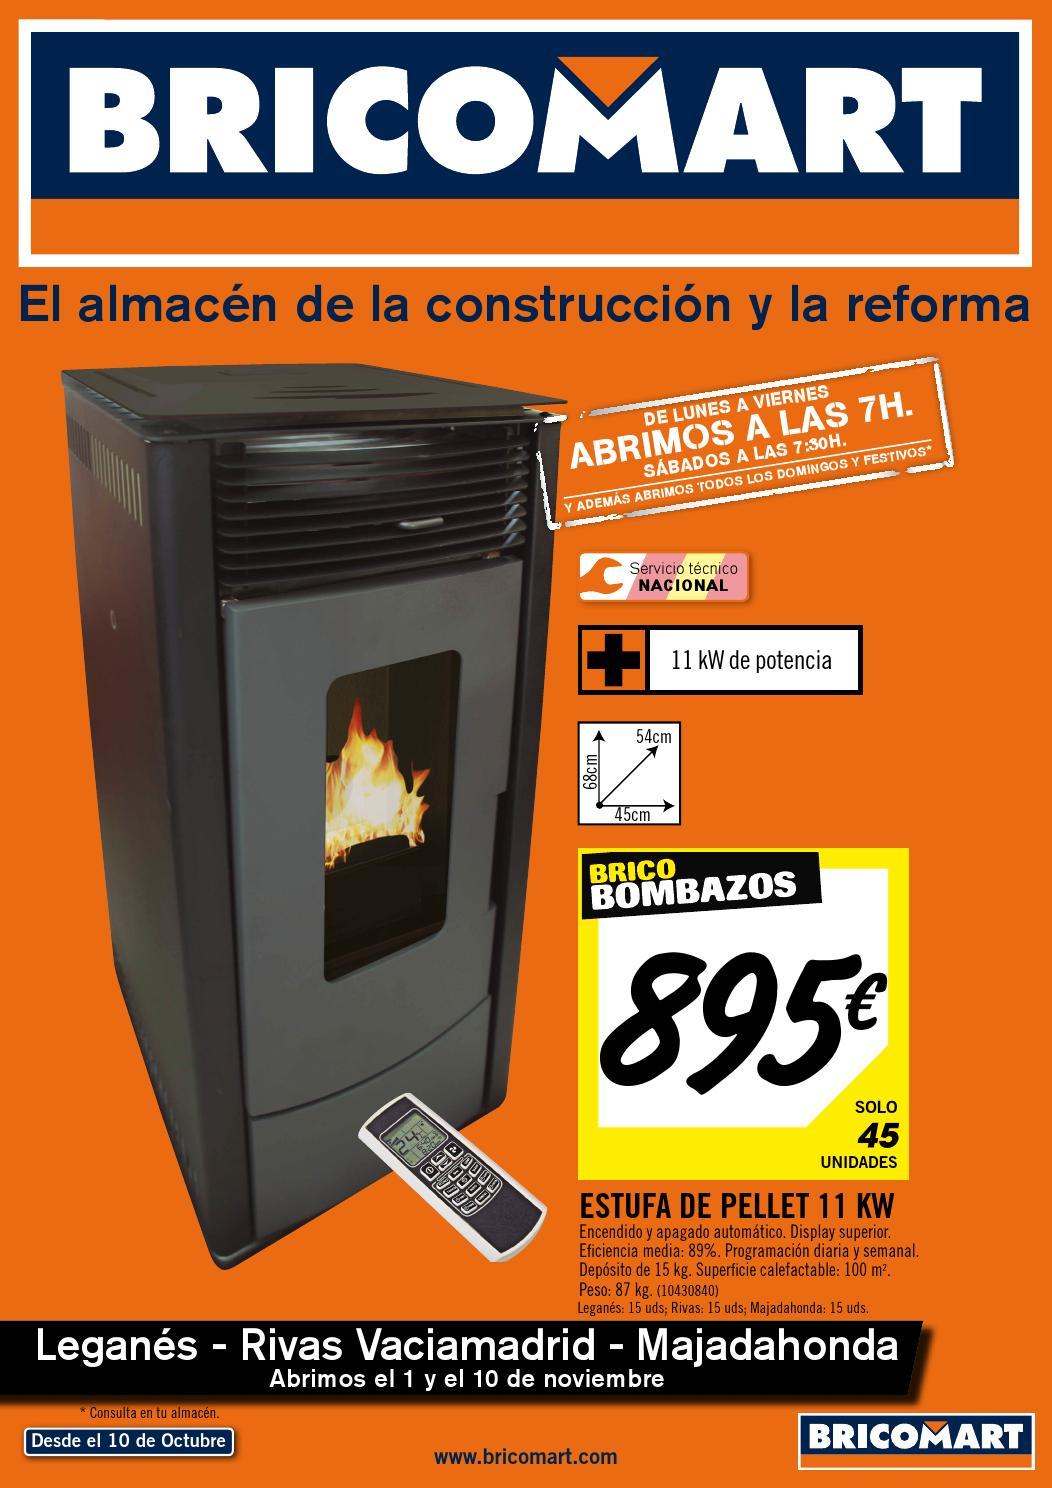 Calefaccin de pellets con radiadores perfect caldera de pellets kw calderas de biomasa kw y kw - Pellets bricomart ...